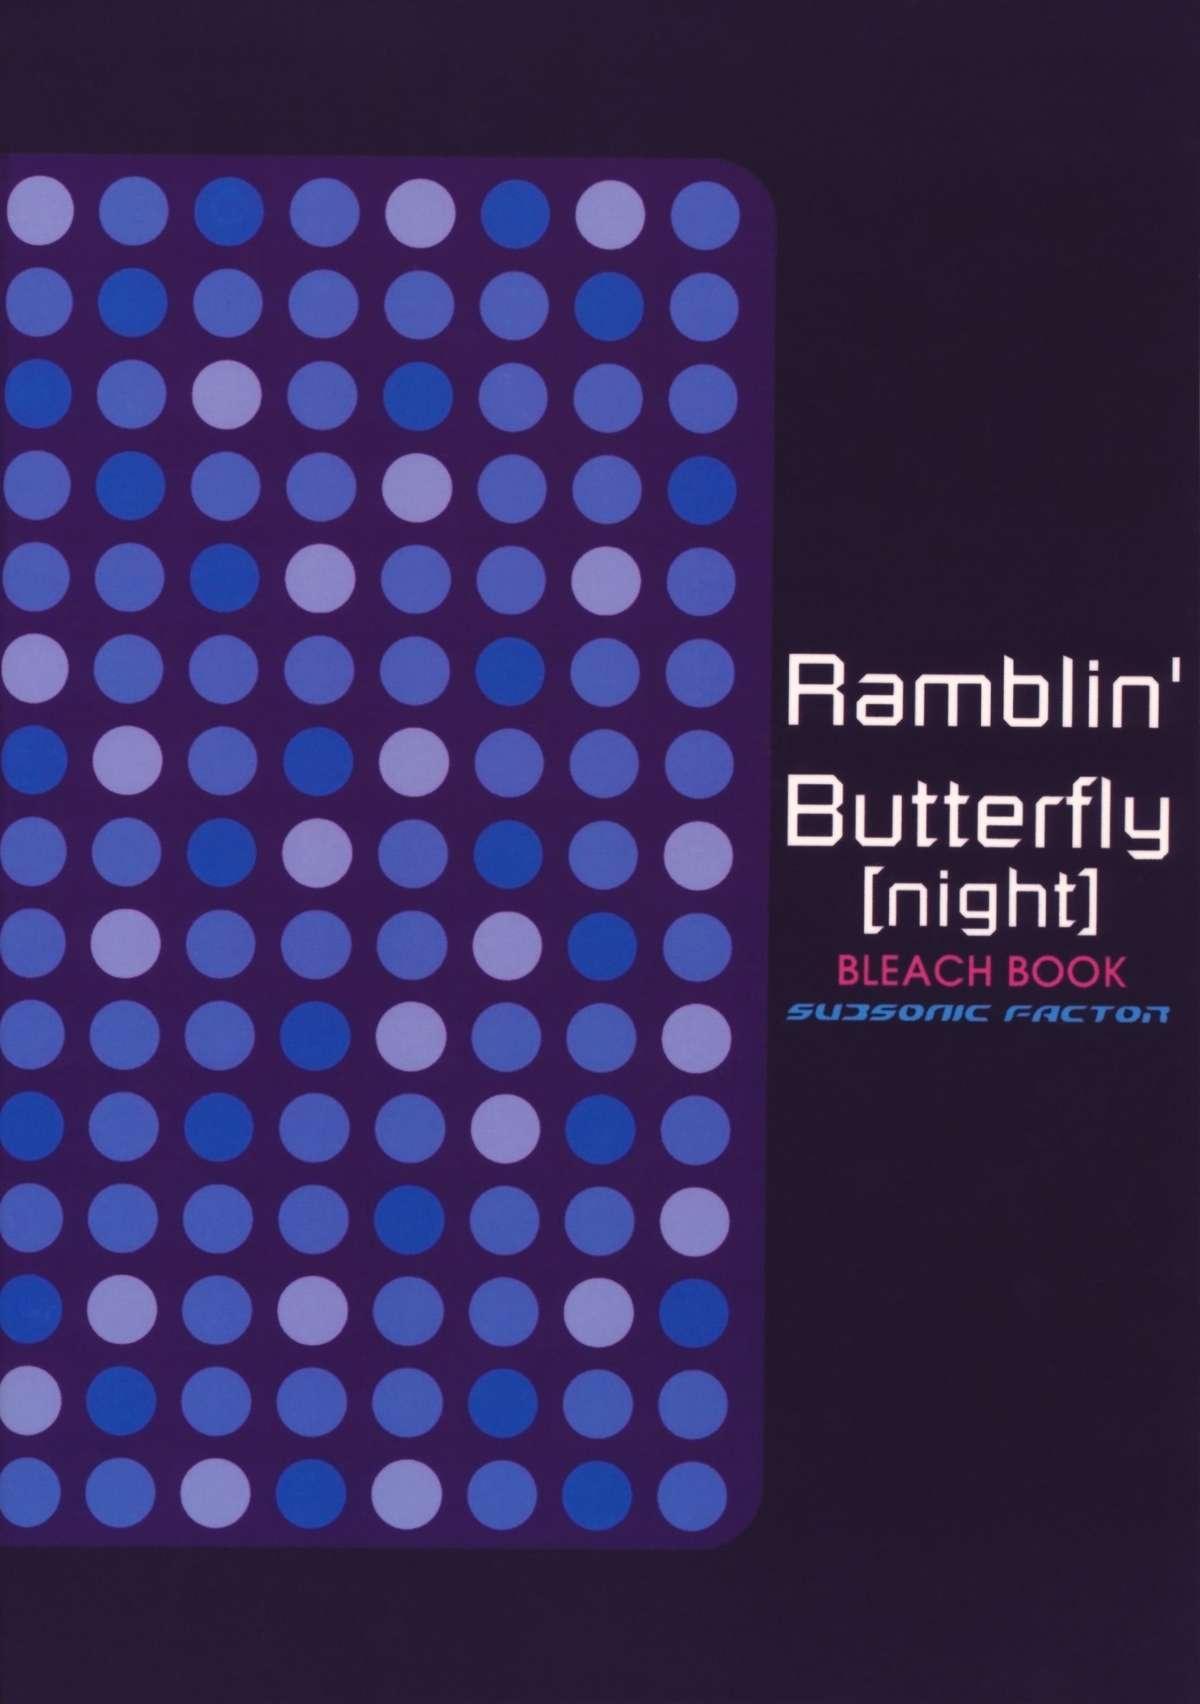 Ramblin' Butterfly 25